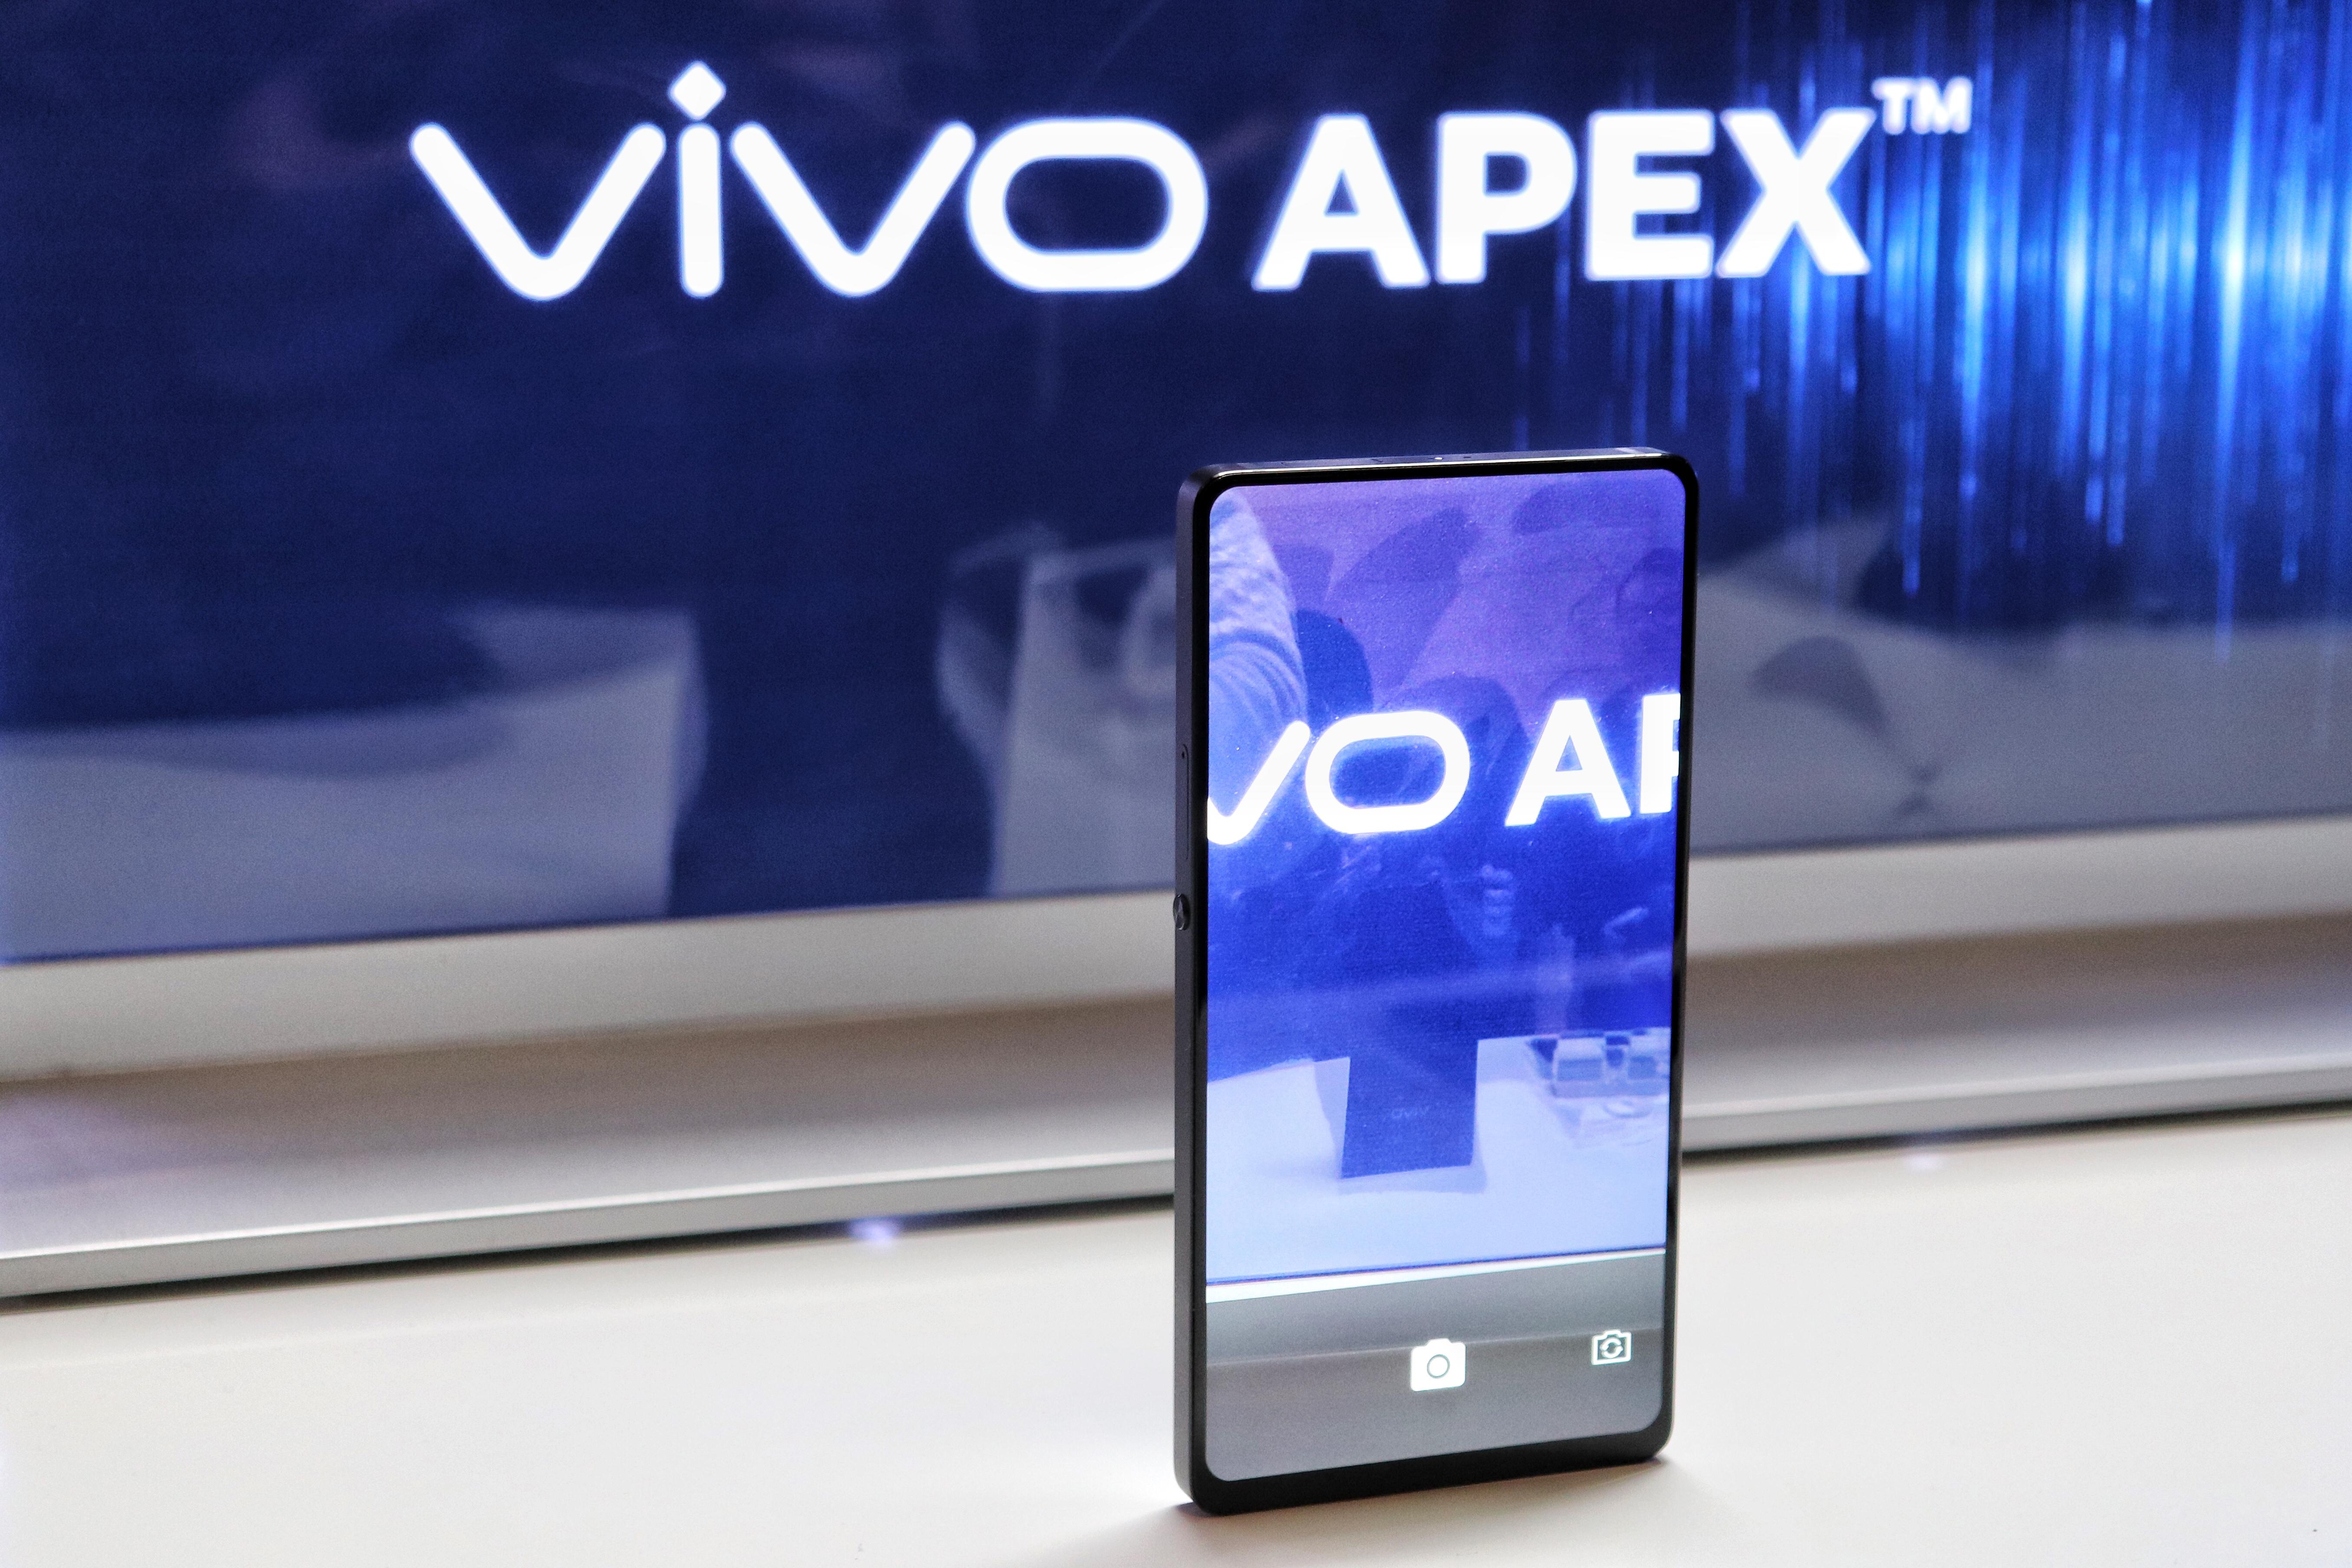 技术突围!vivo 推出 APEX 全面屏概念机和超级 HDR 影像技术